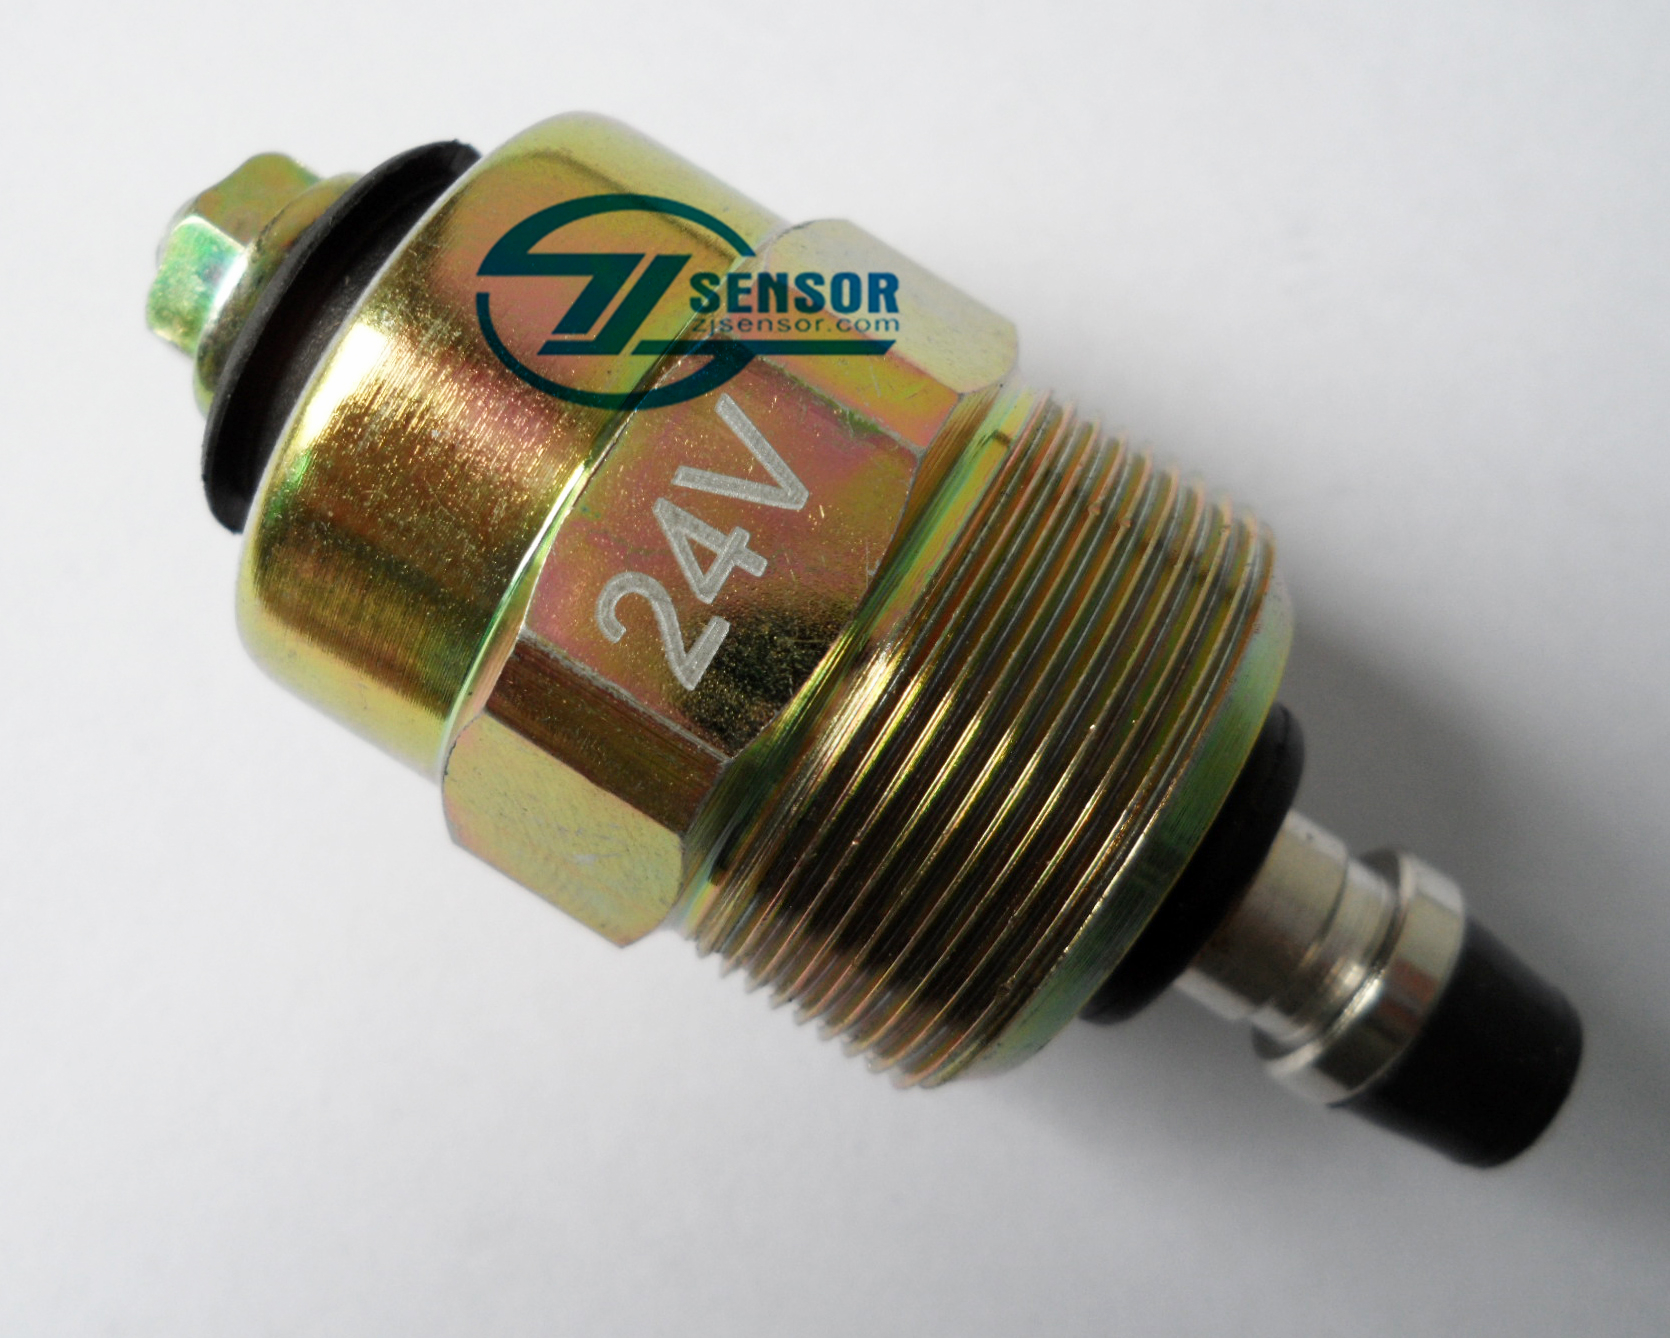 0330001016 24V Diesel VE pump Fuel Shut off Solenoid valve magnet valve 0 330 001 016